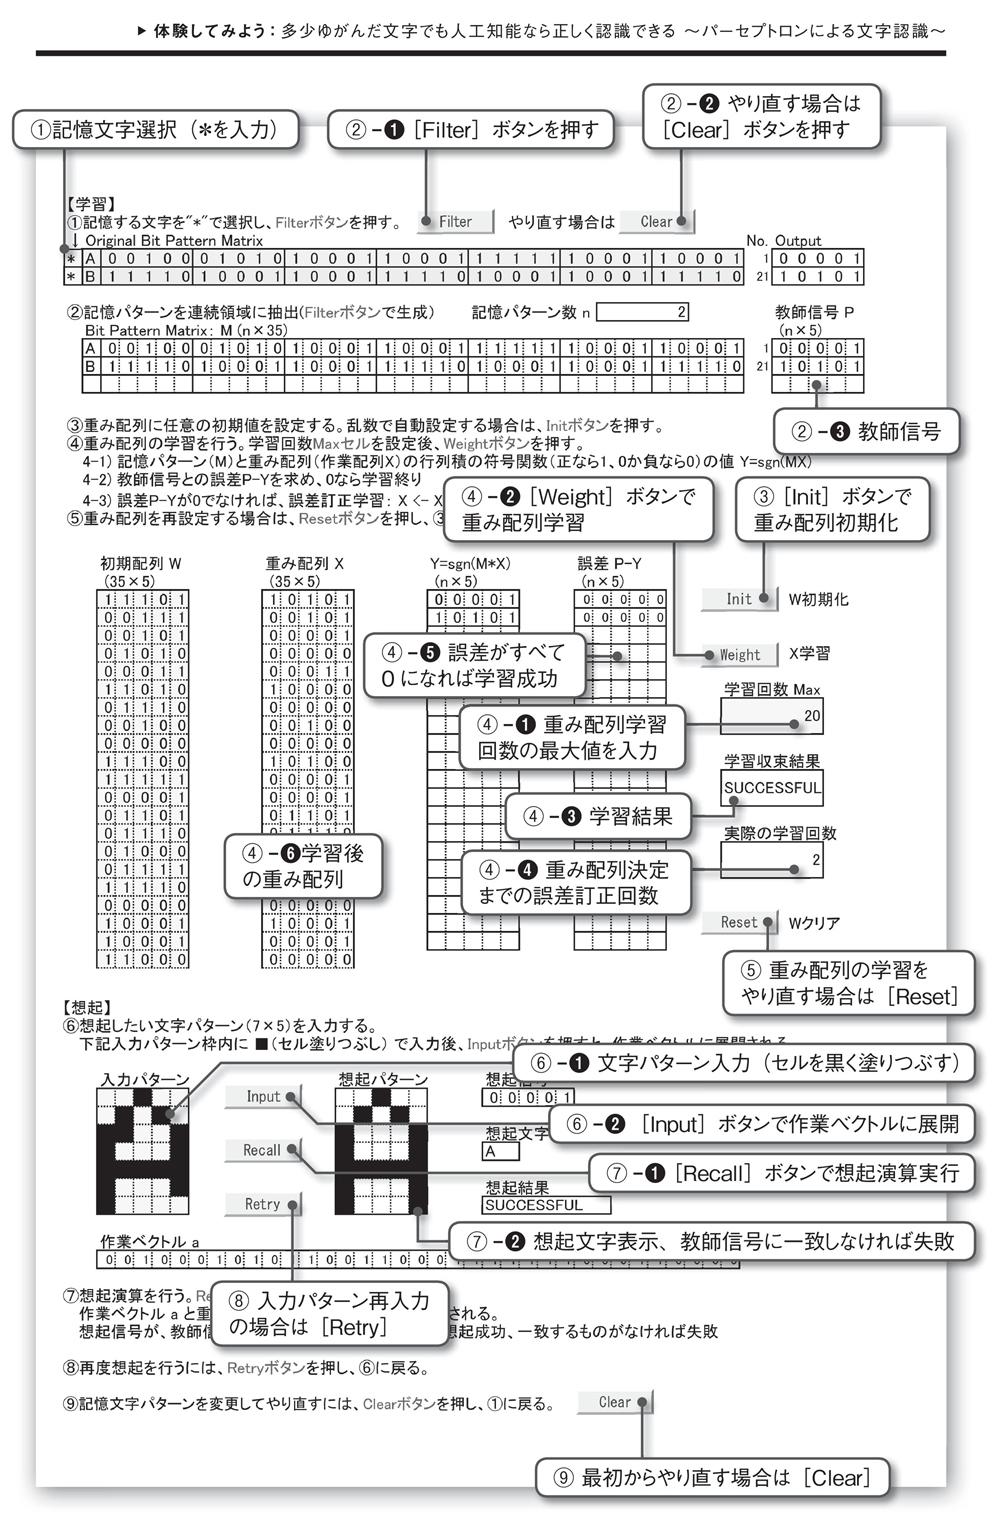 http://codezine.jp/static/images/article/9258/9258_02.jpg